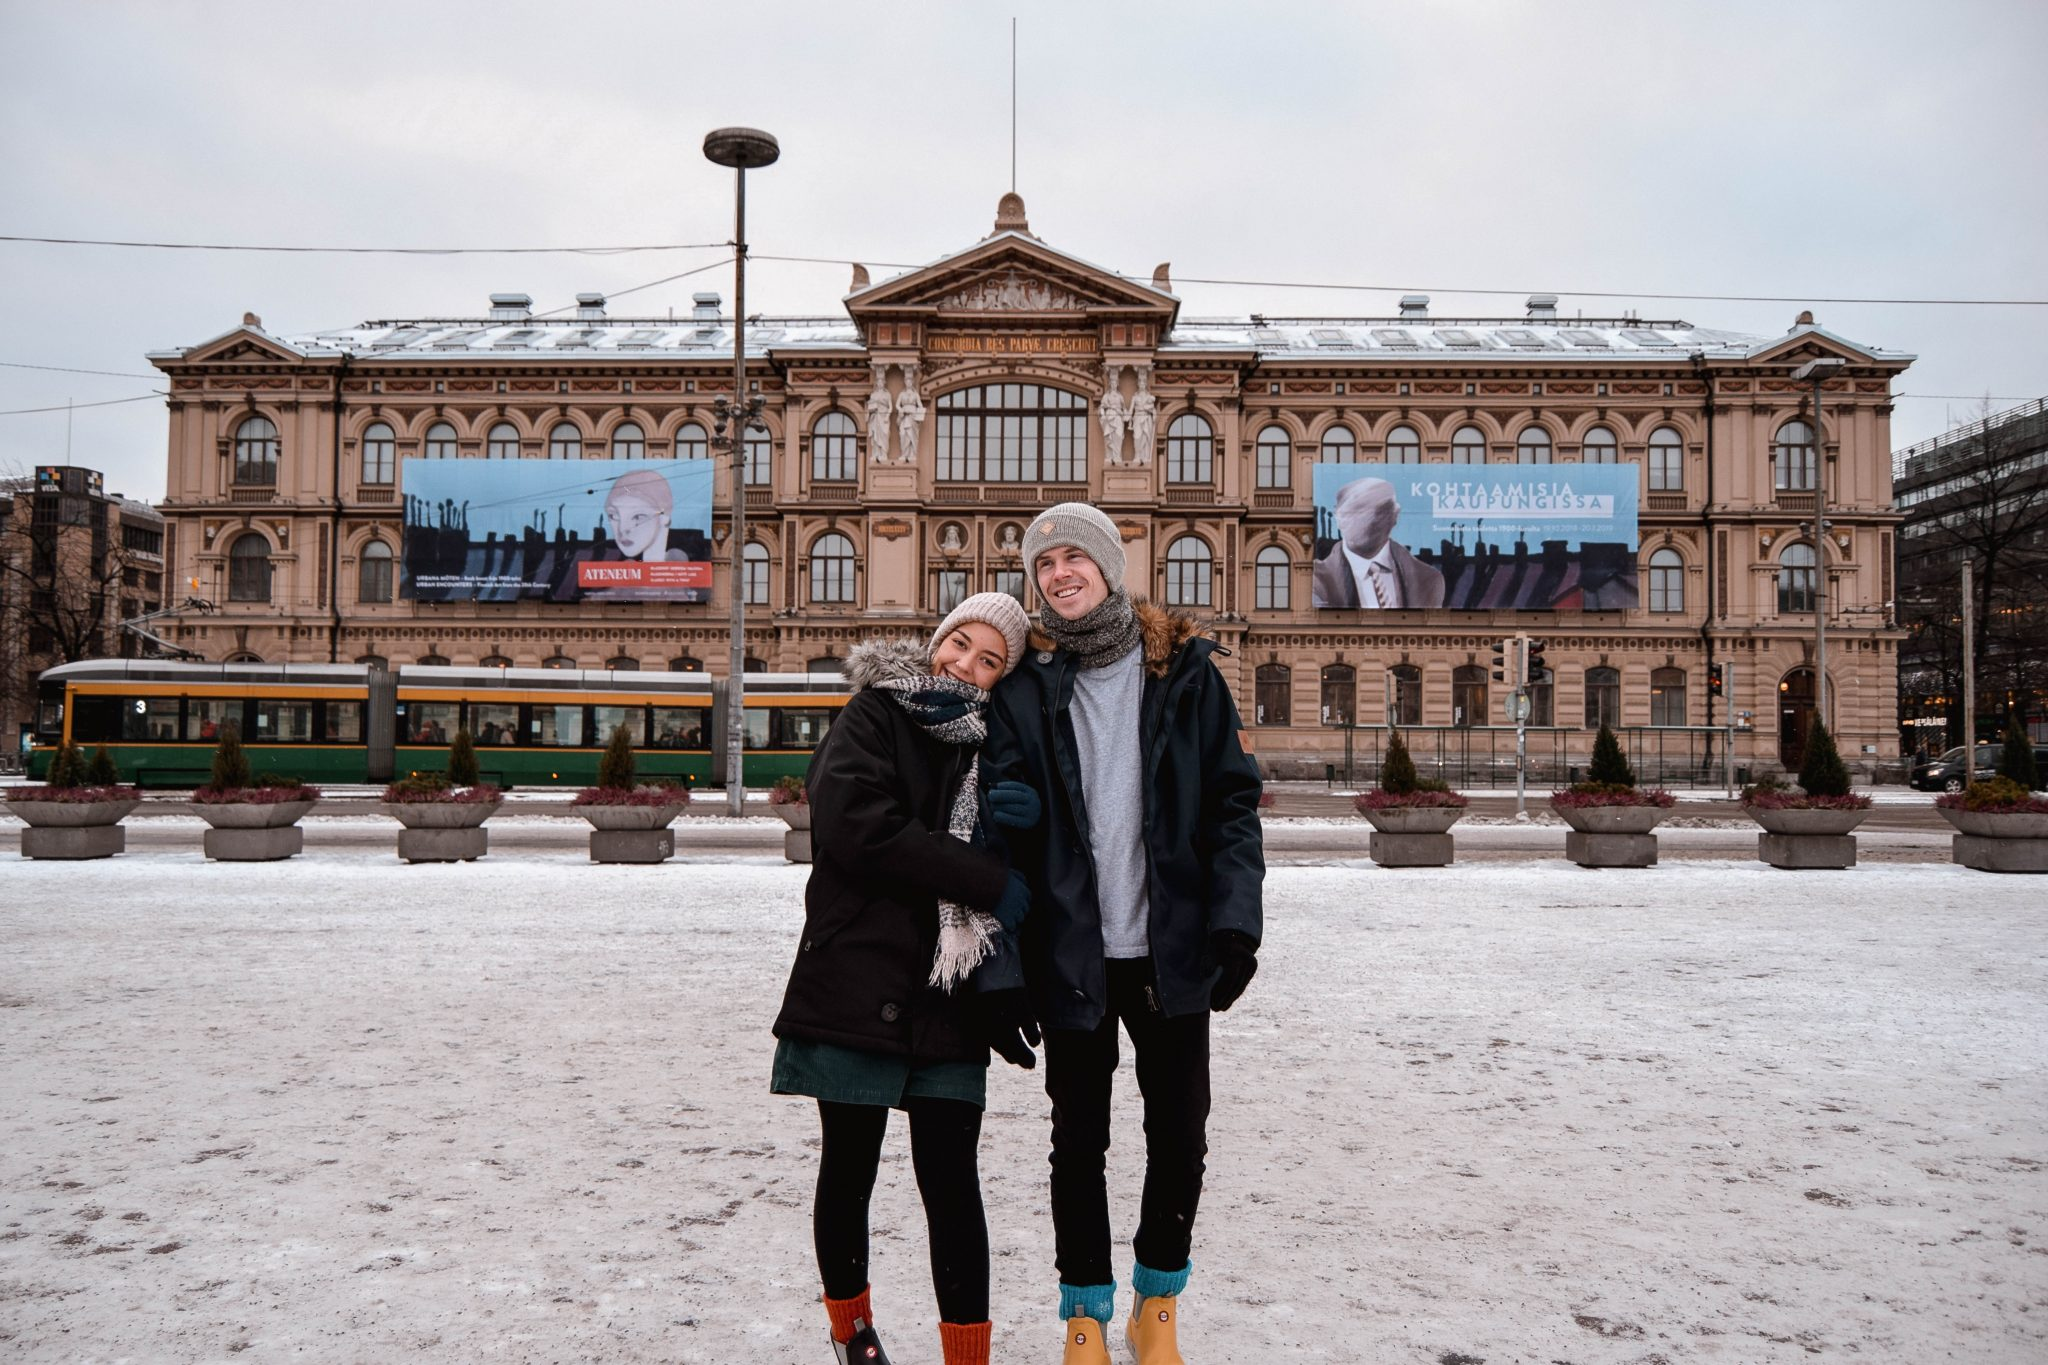 Things To Do In Helsinki In Winter - Ateneum Museum Helsinki Museums